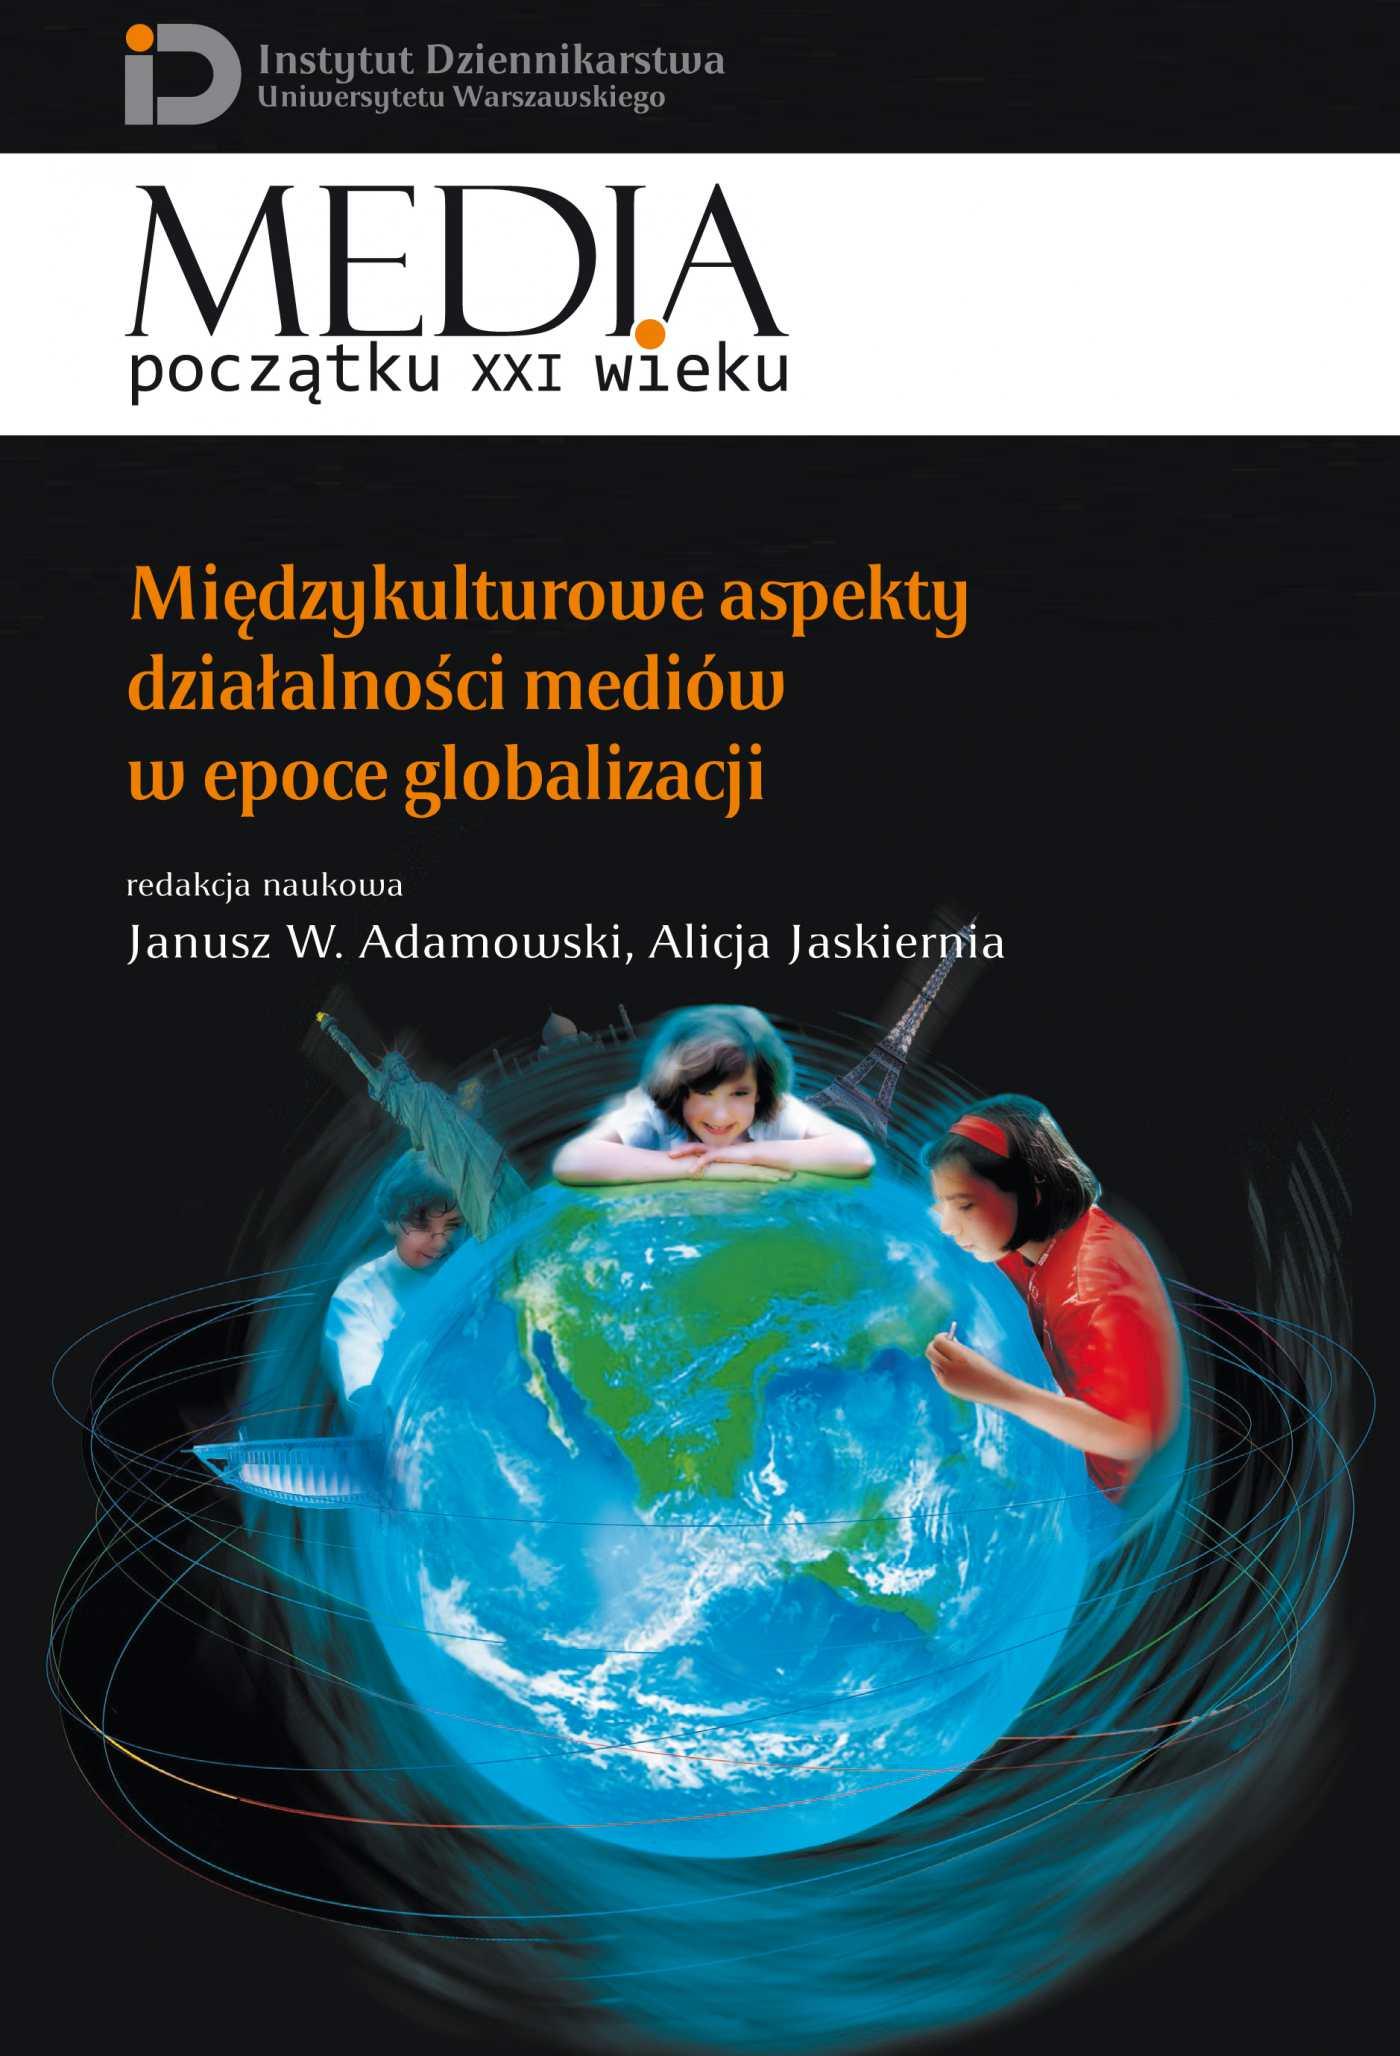 Międzykulturowe aspekty działalności mediów w epoce globalizacji - Ebook (Książka PDF) do pobrania w formacie PDF